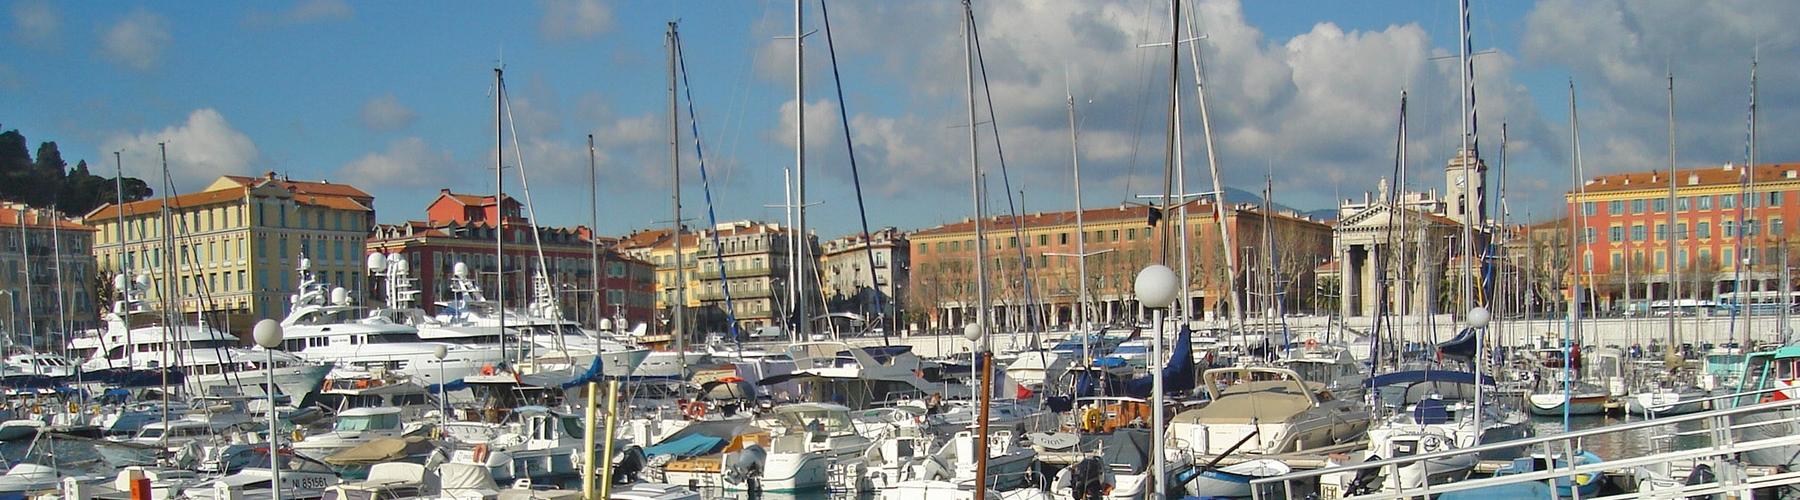 Séjour sur la Côte d'Azur - Marineland et Monaco